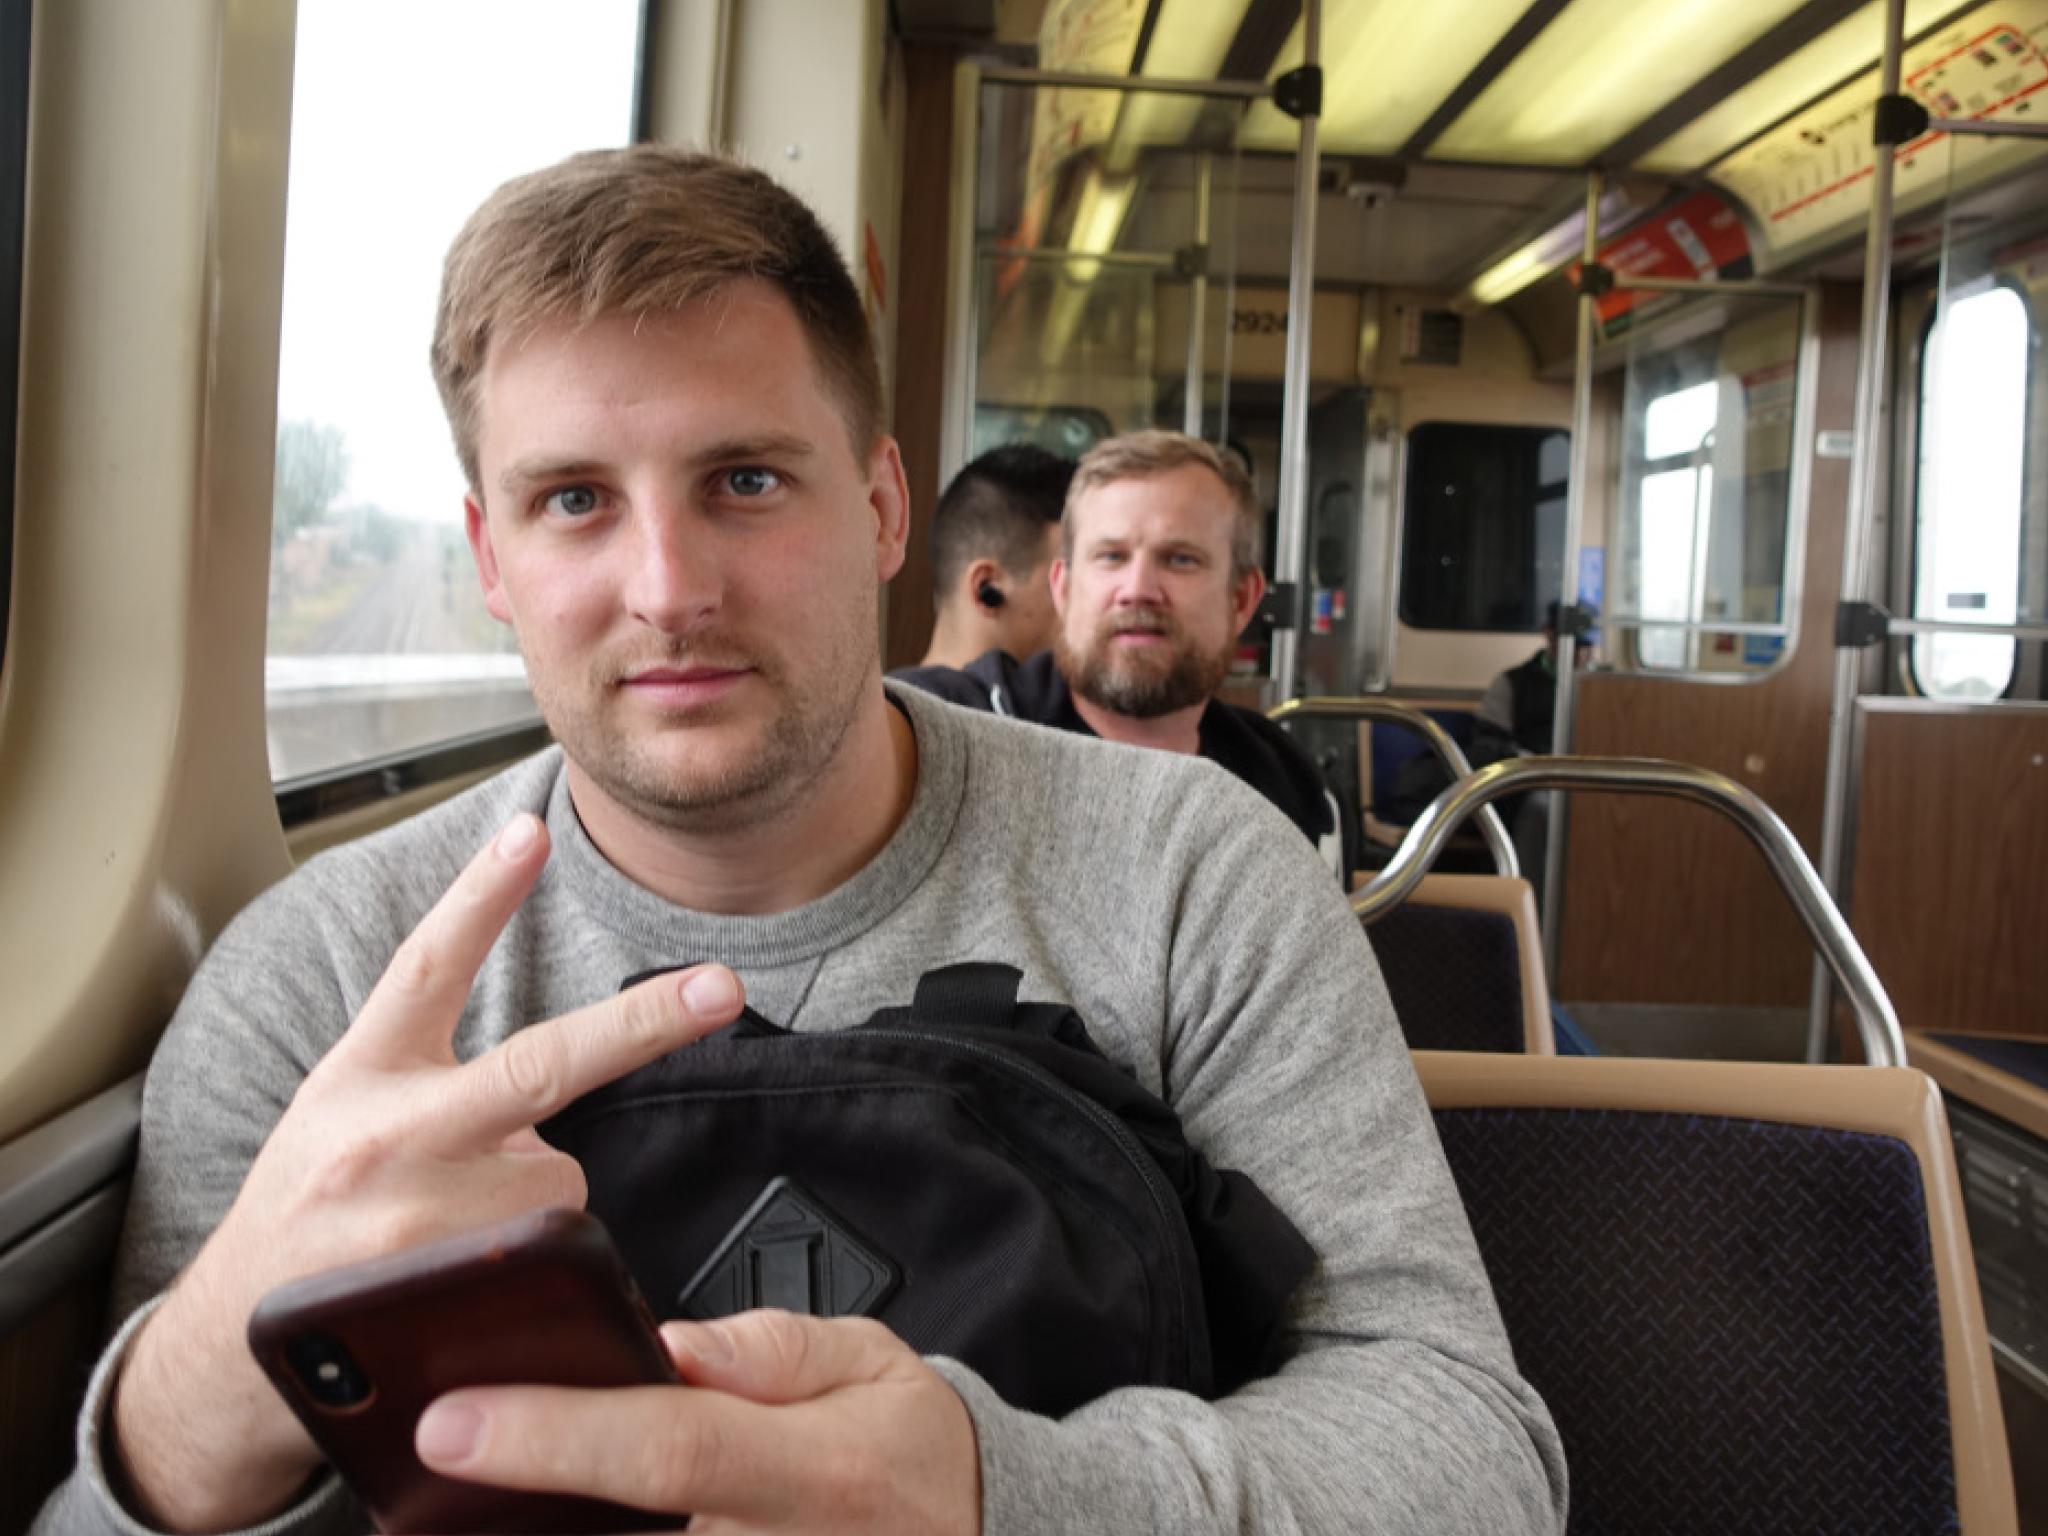 jkdc_round4-chicagoland-photo5.jpg